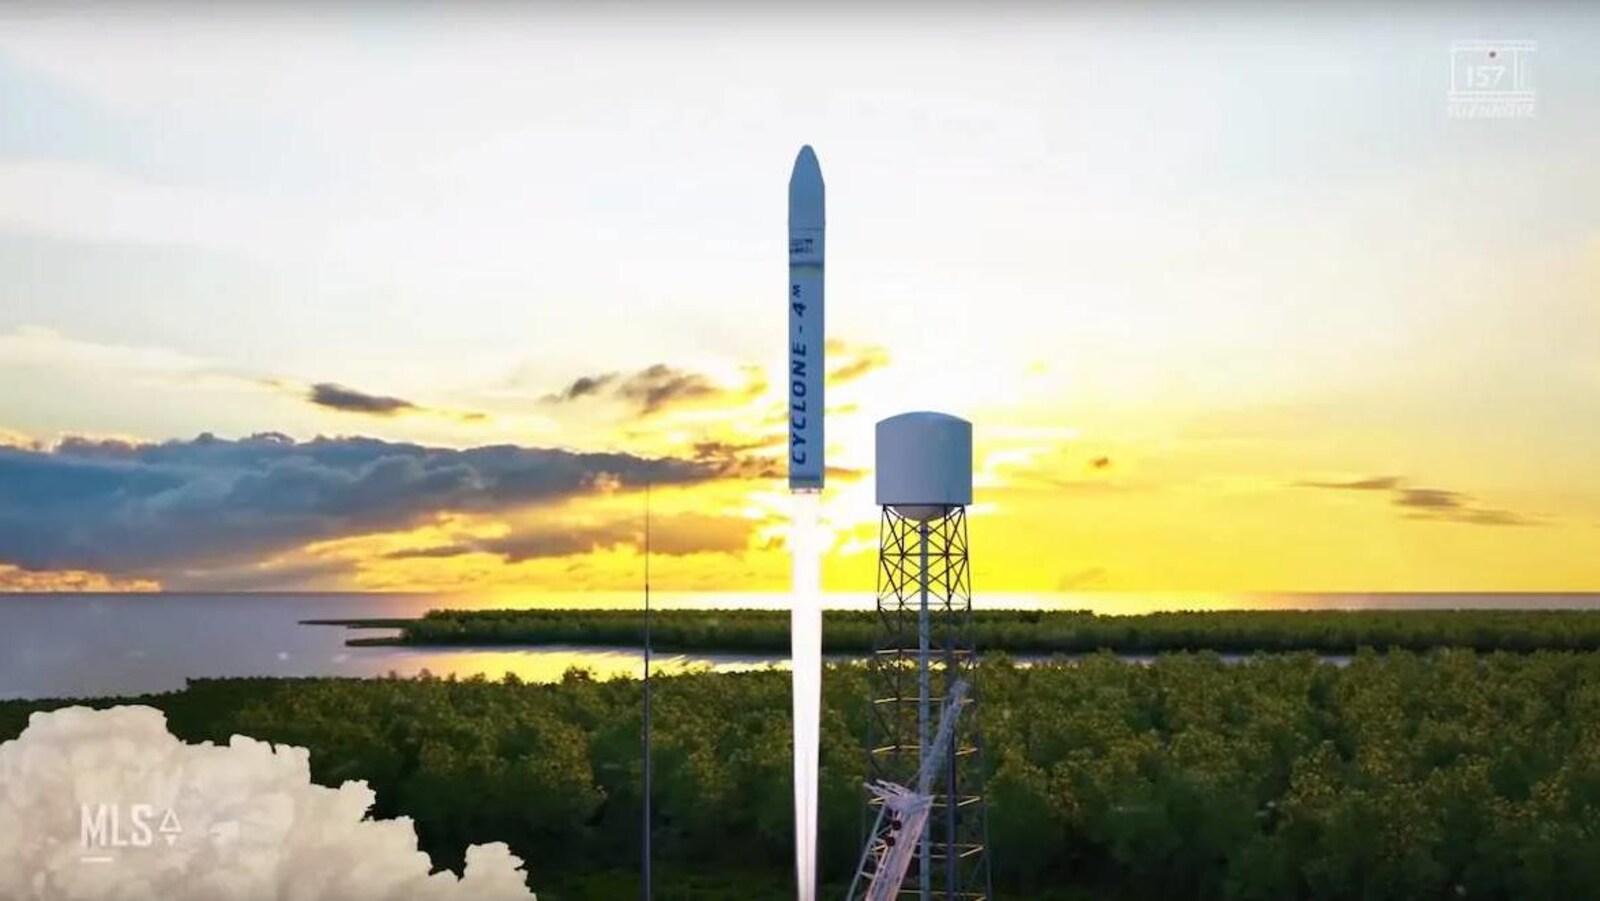 Lancement d'une fusée ukrainienne Cyclone-4M sur une capture d'écran d'une simulation vidéo.